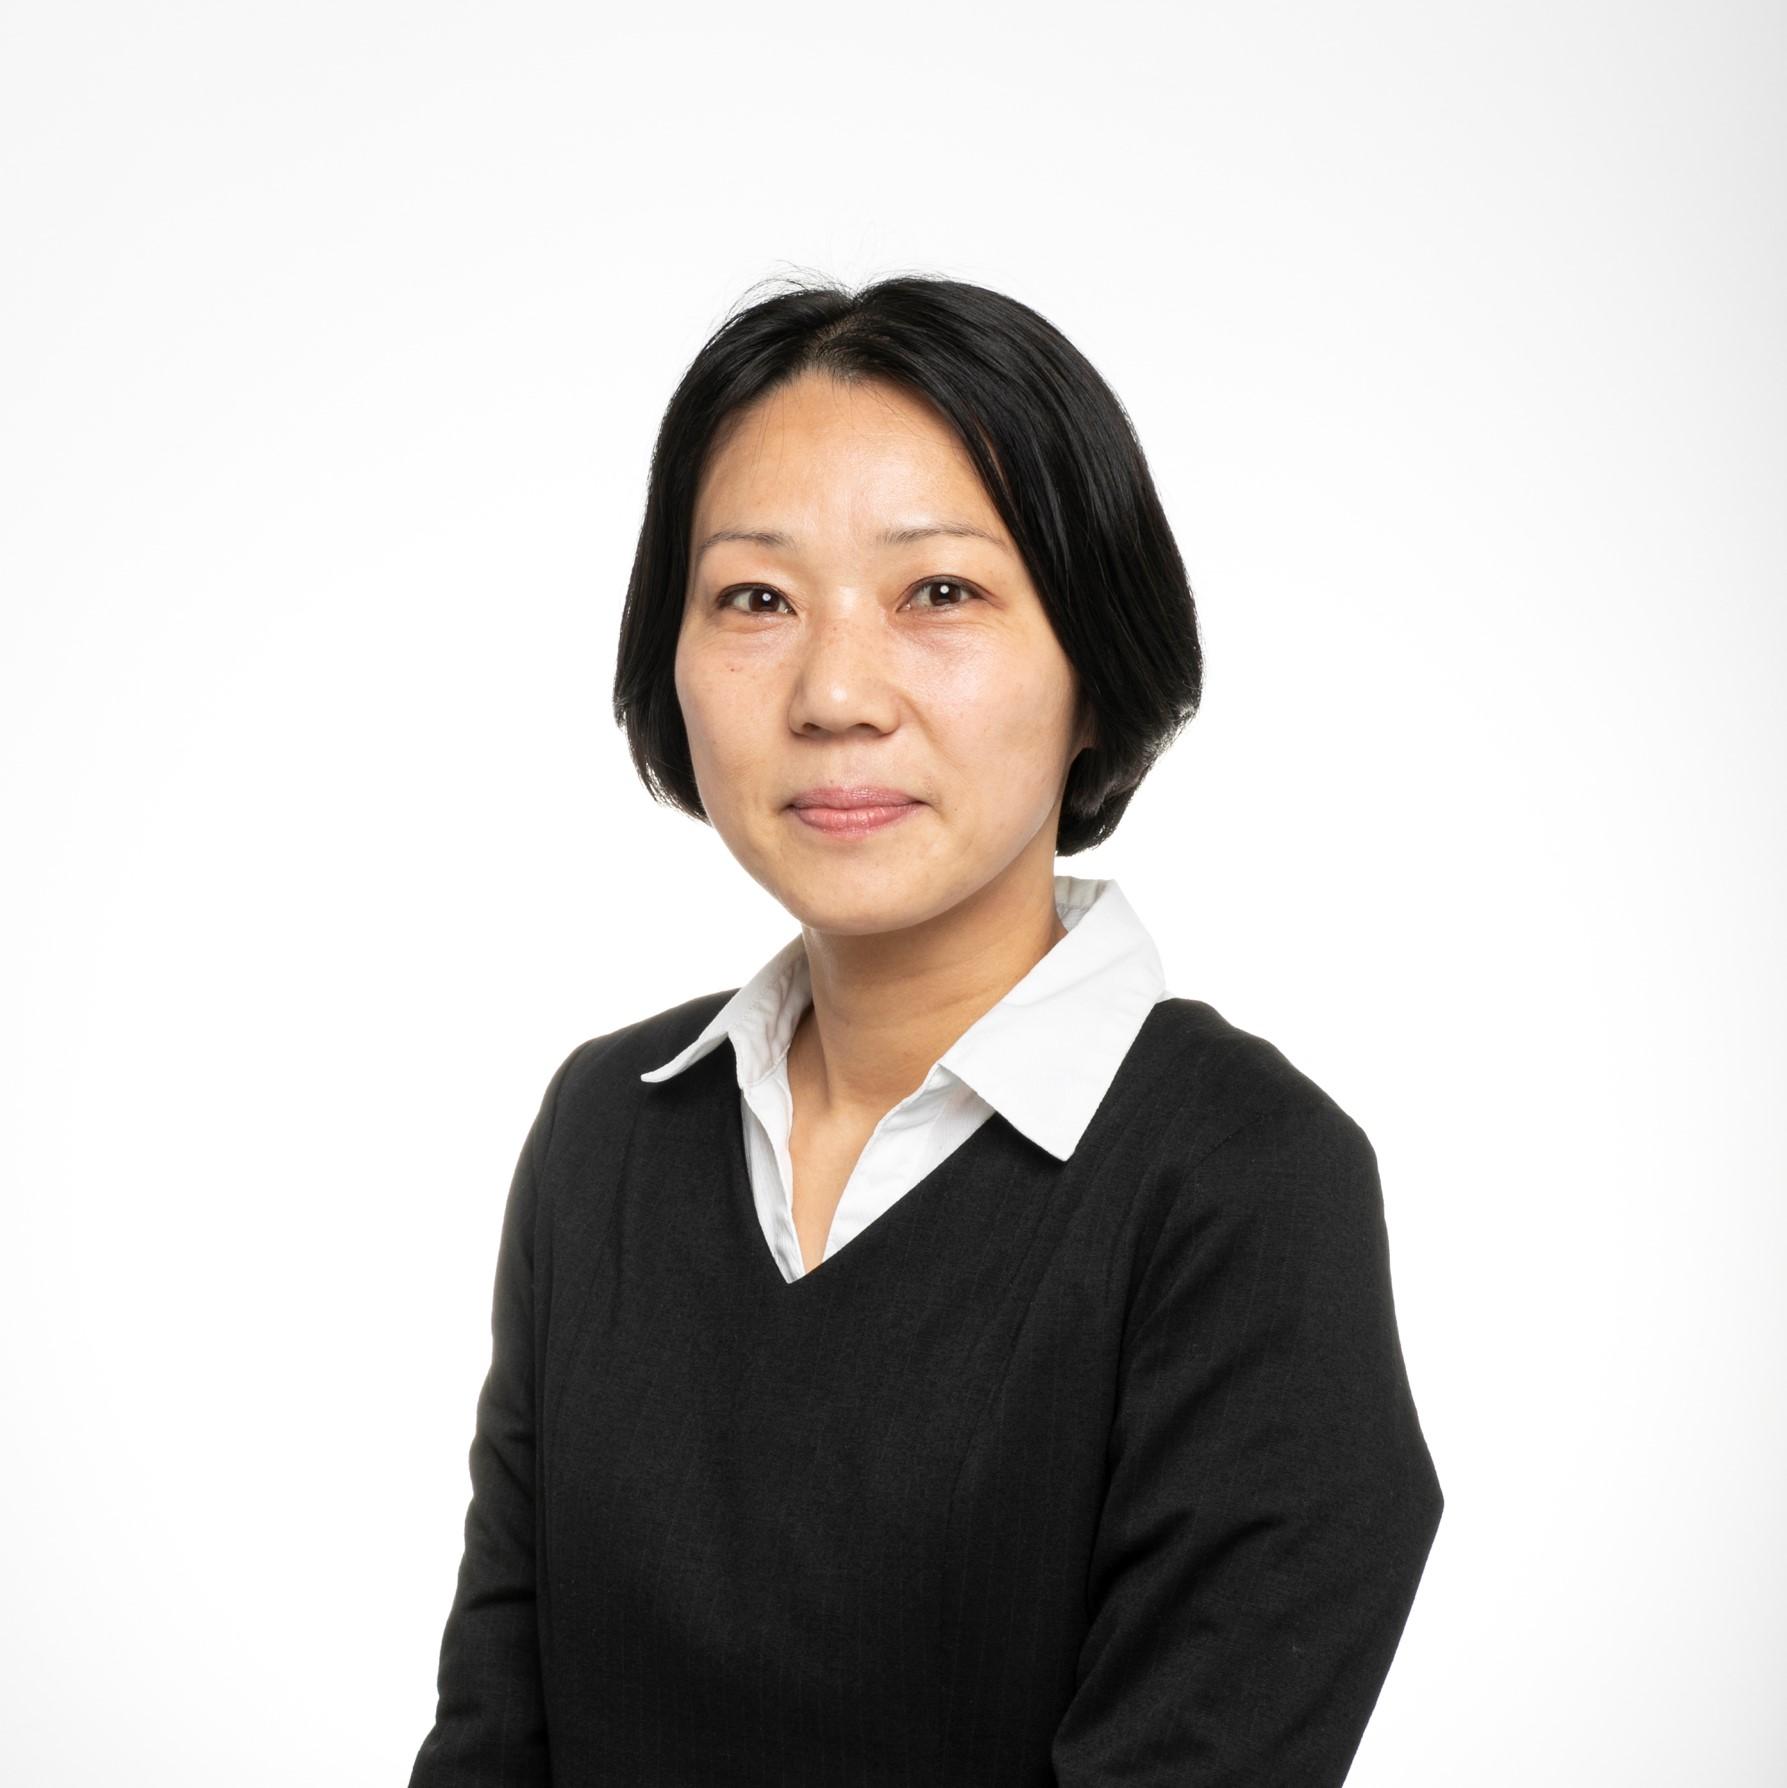 Mariko Tawada